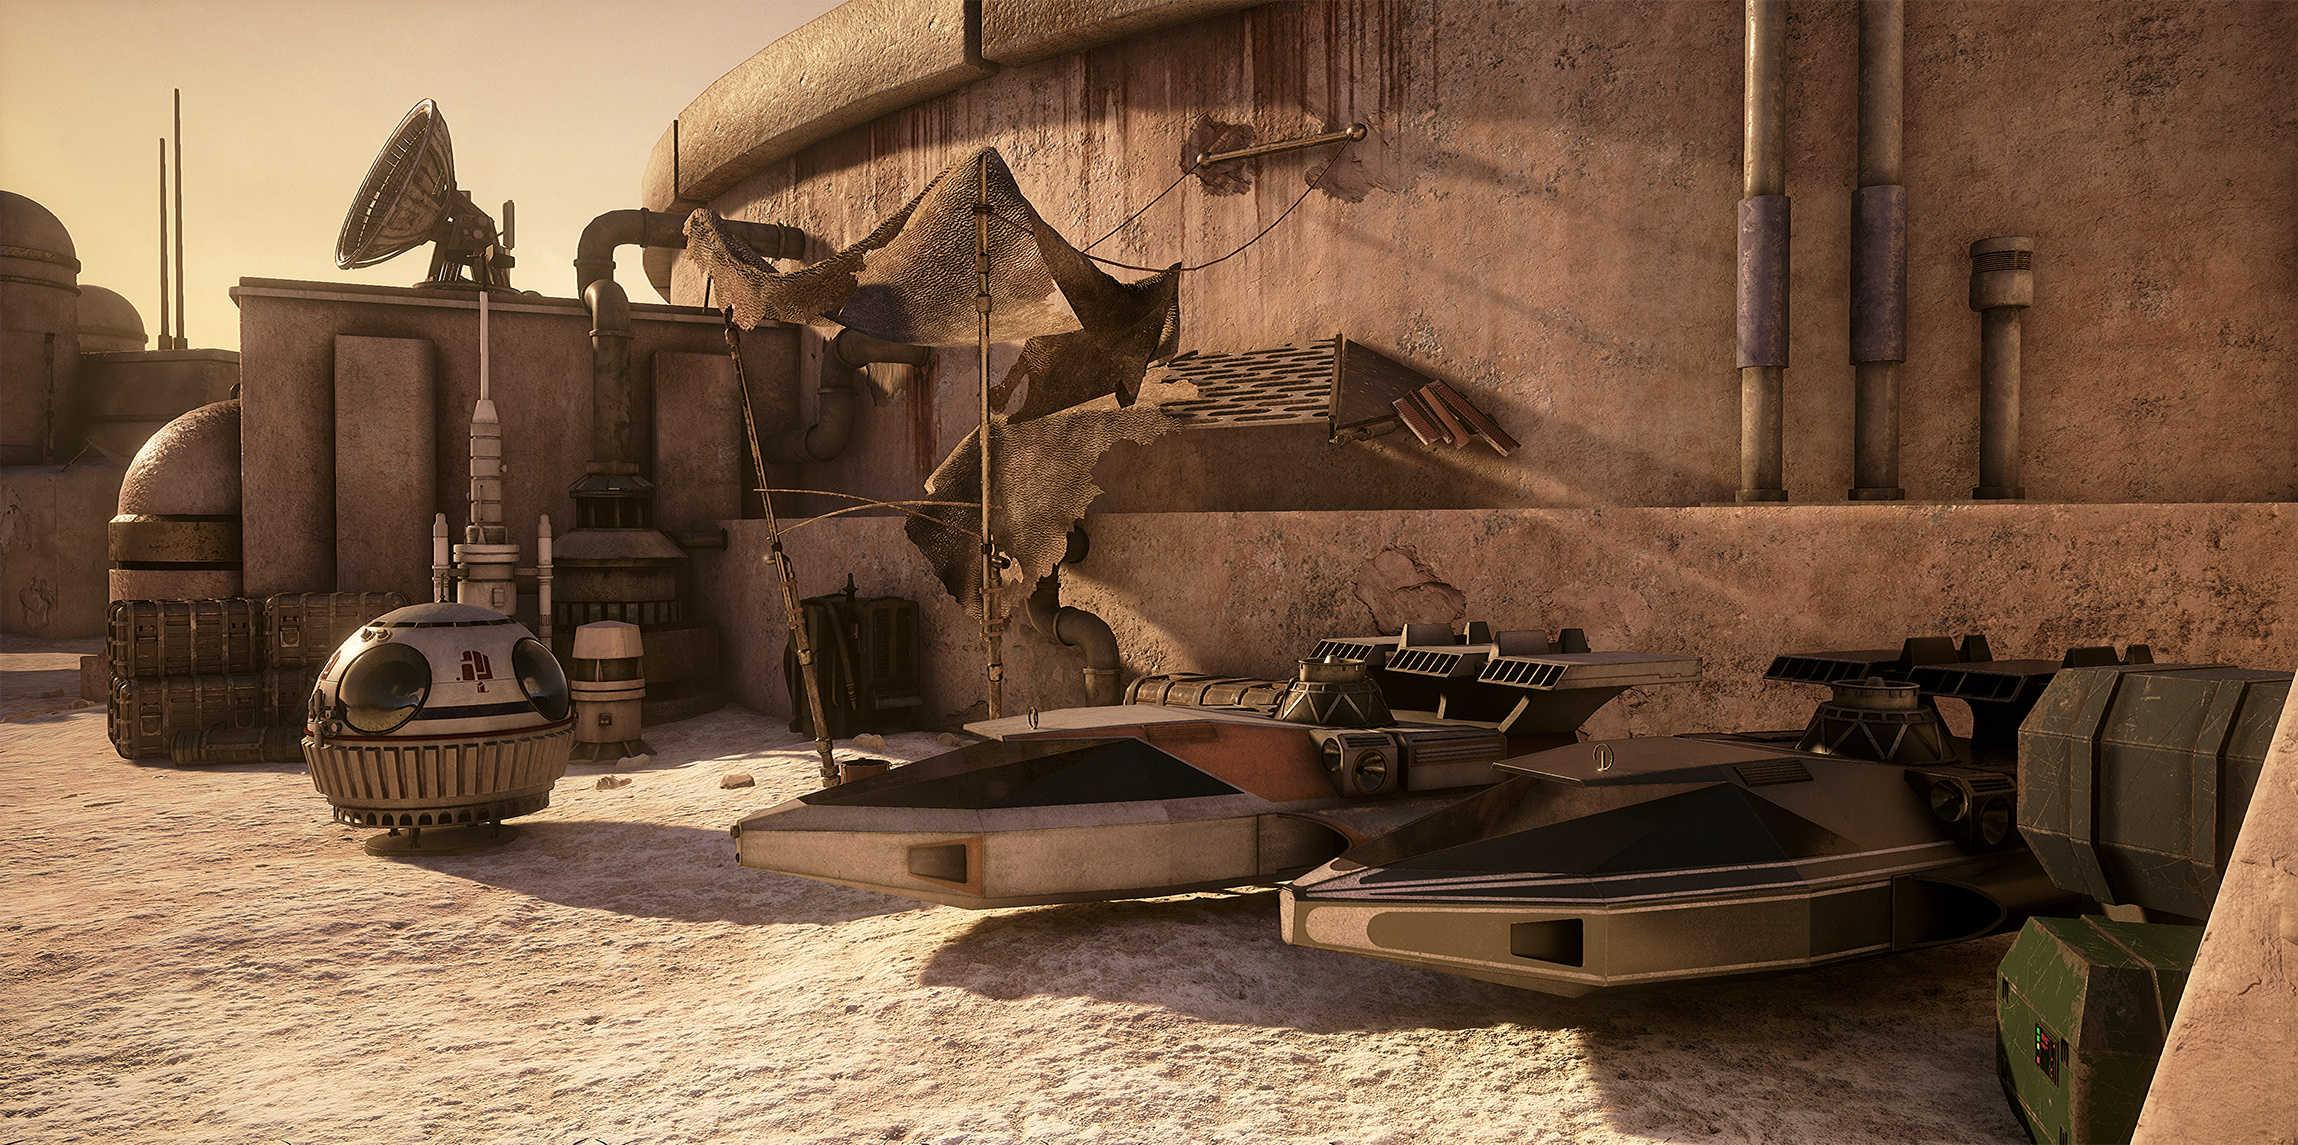 Vývojáři z Obsidianu vytvořili překrásnou Star Wars scenérii v enginu Unreal 4 130531